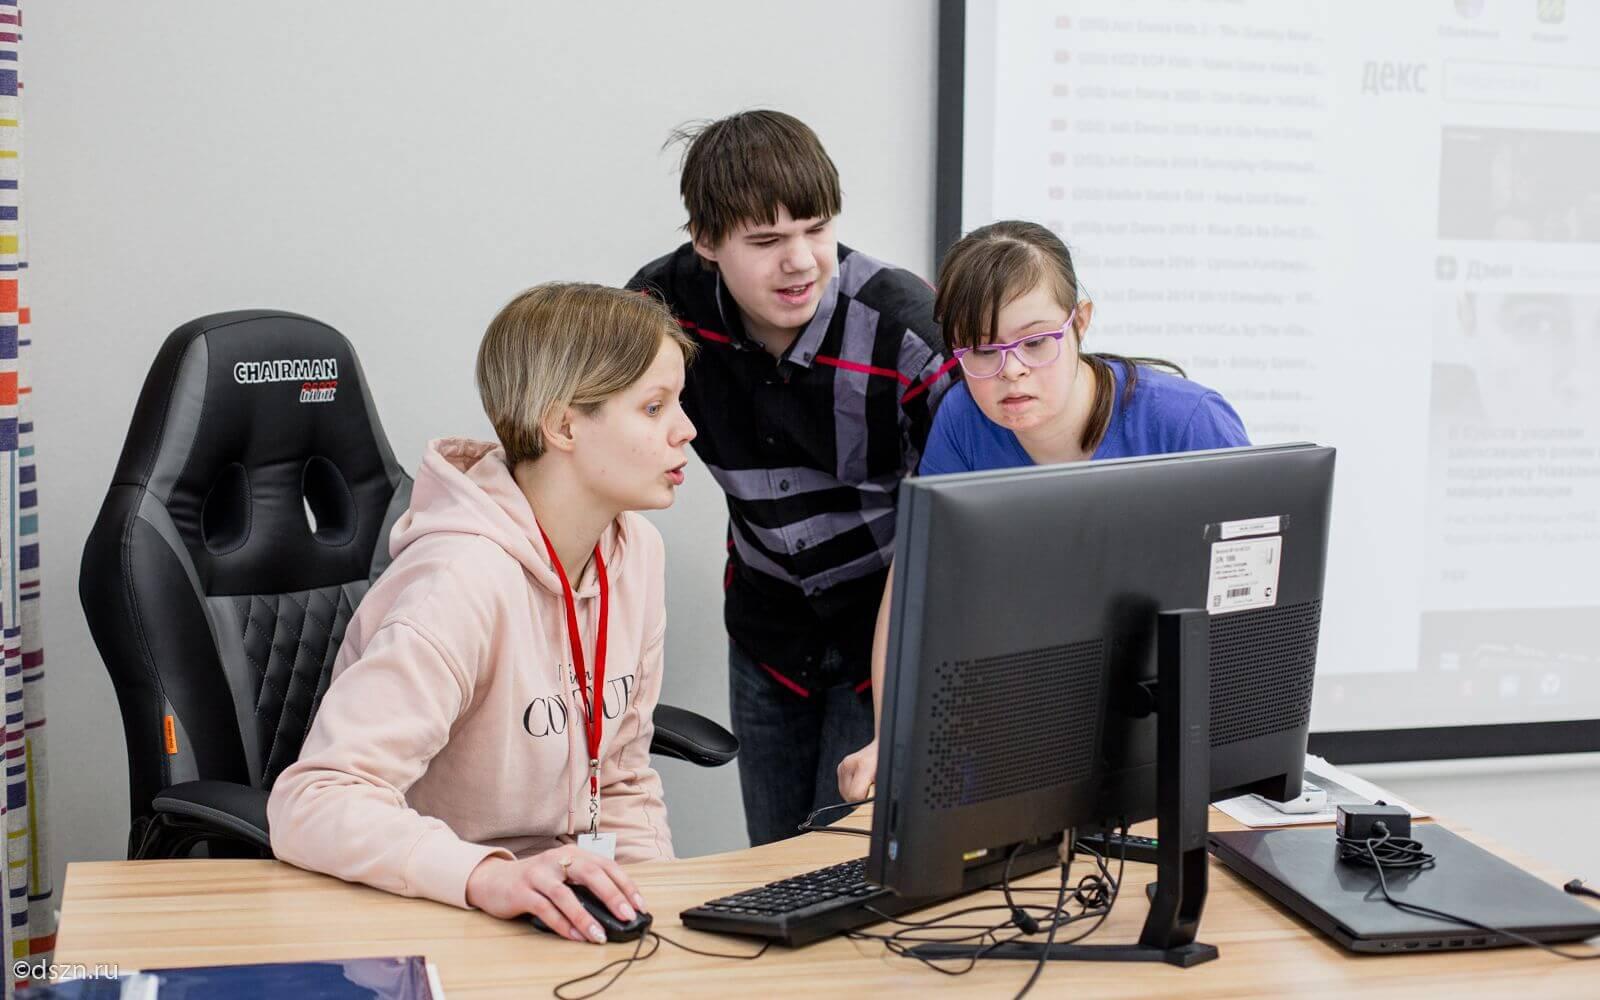 Сергей Собянин: Центр сопровождаемого проживания. Помогаем молодым людям с ментальными особенностями - фото 15